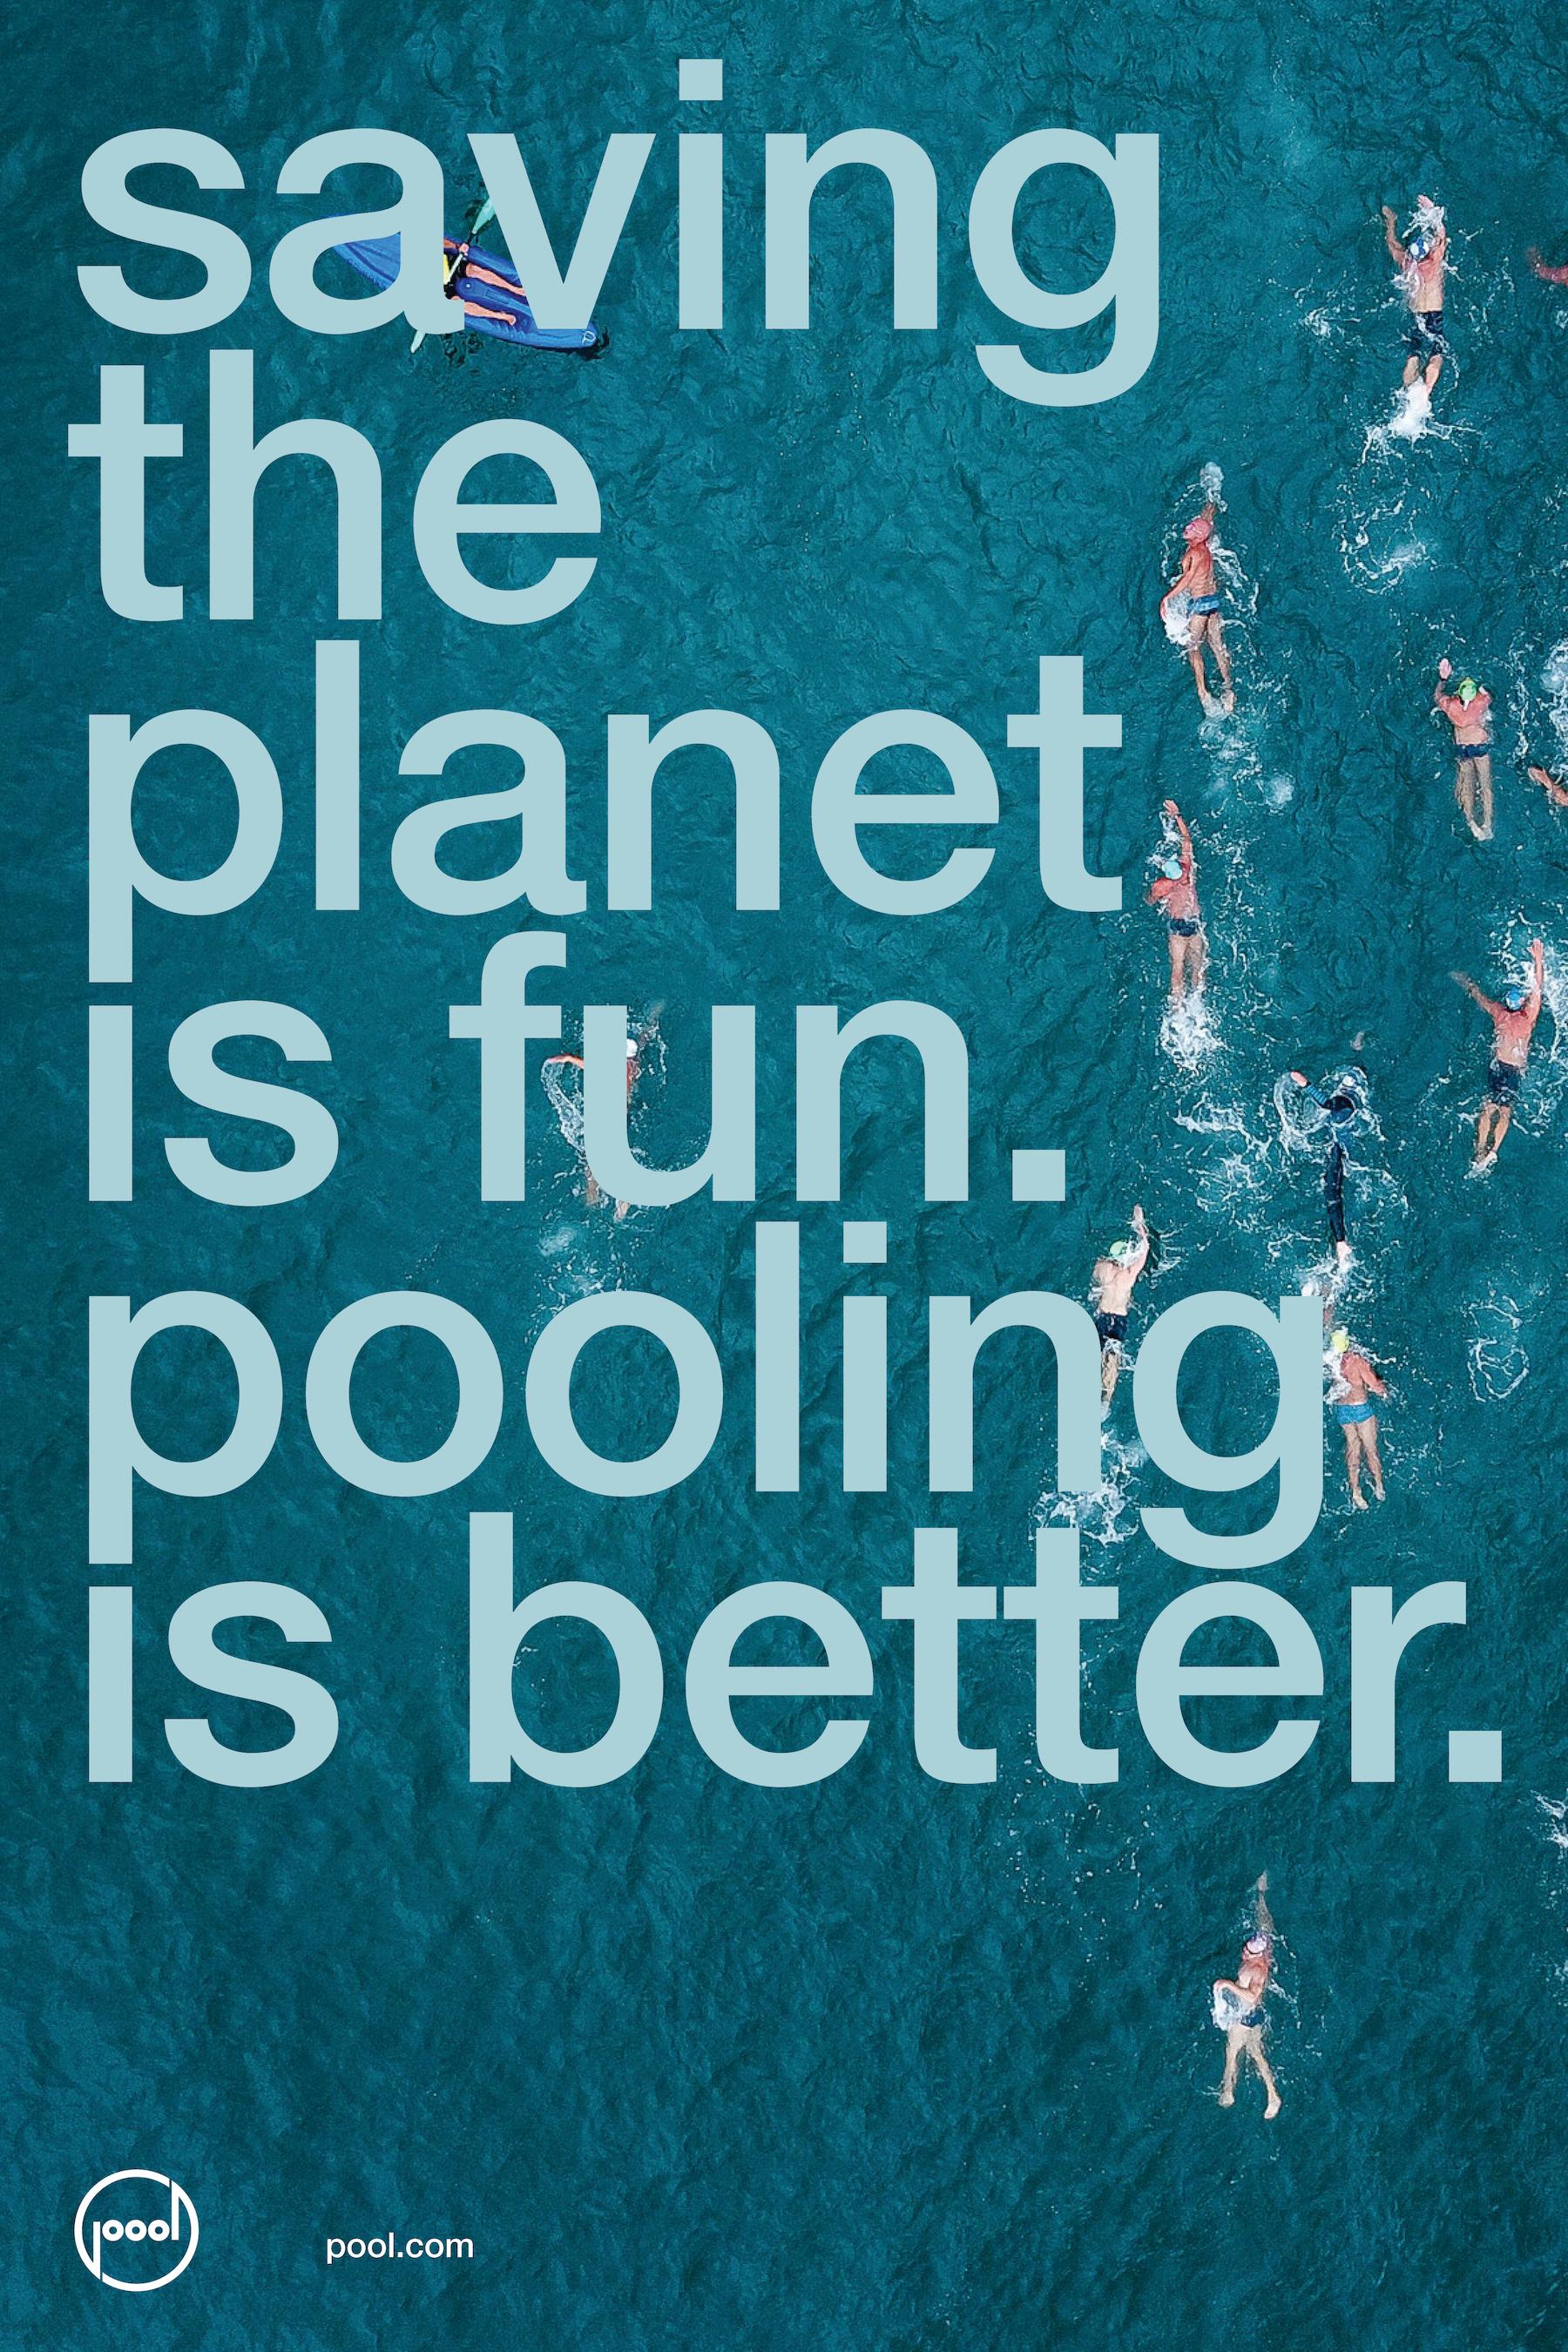 PoolPostersFinal.png